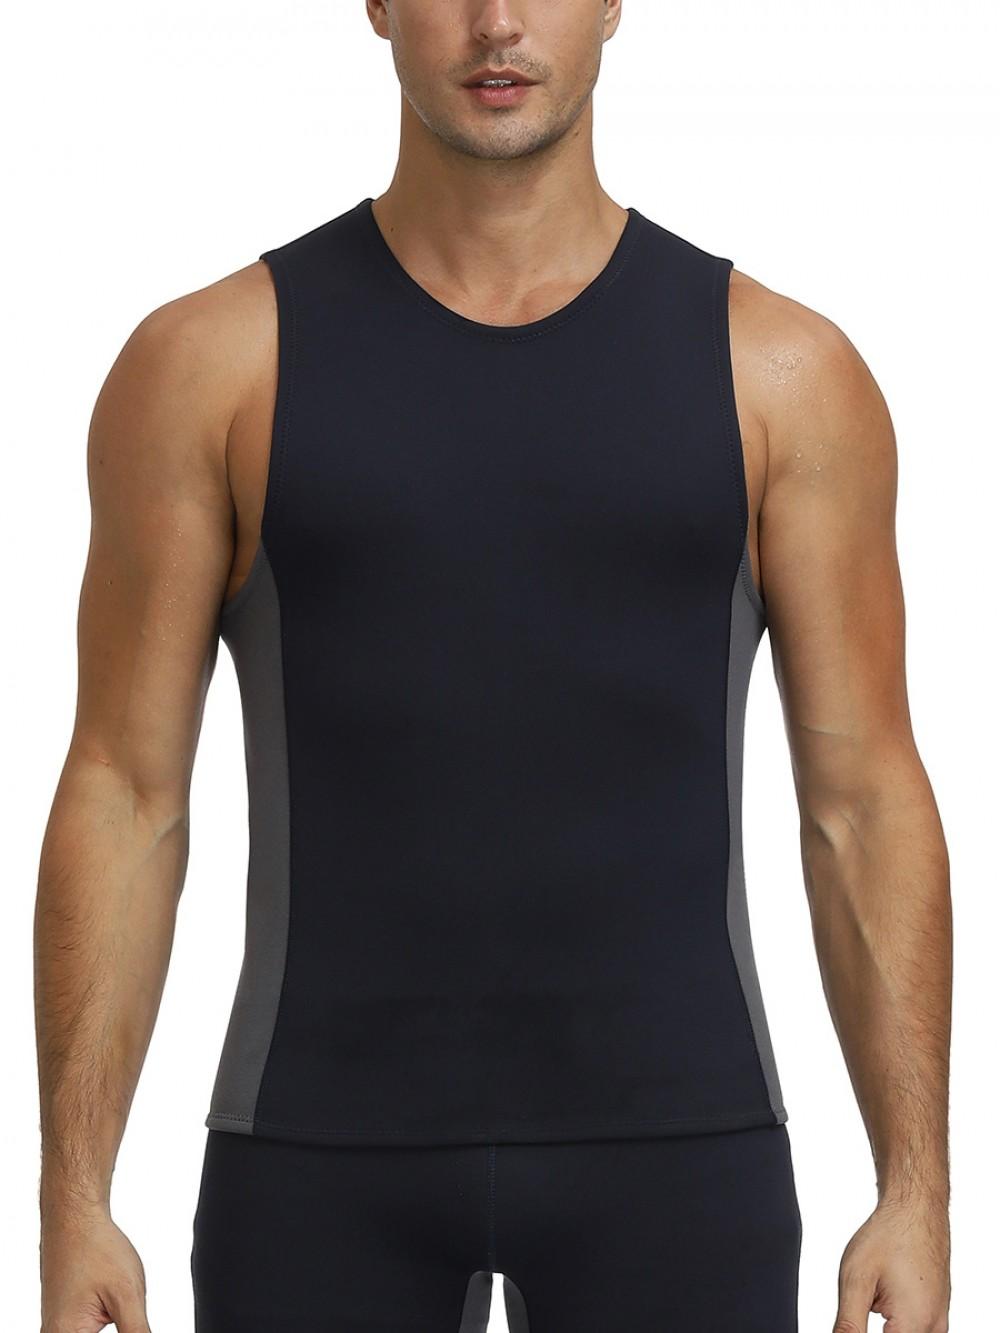 Black Neoprene Vest Shaper Large Size Round Neck For Training